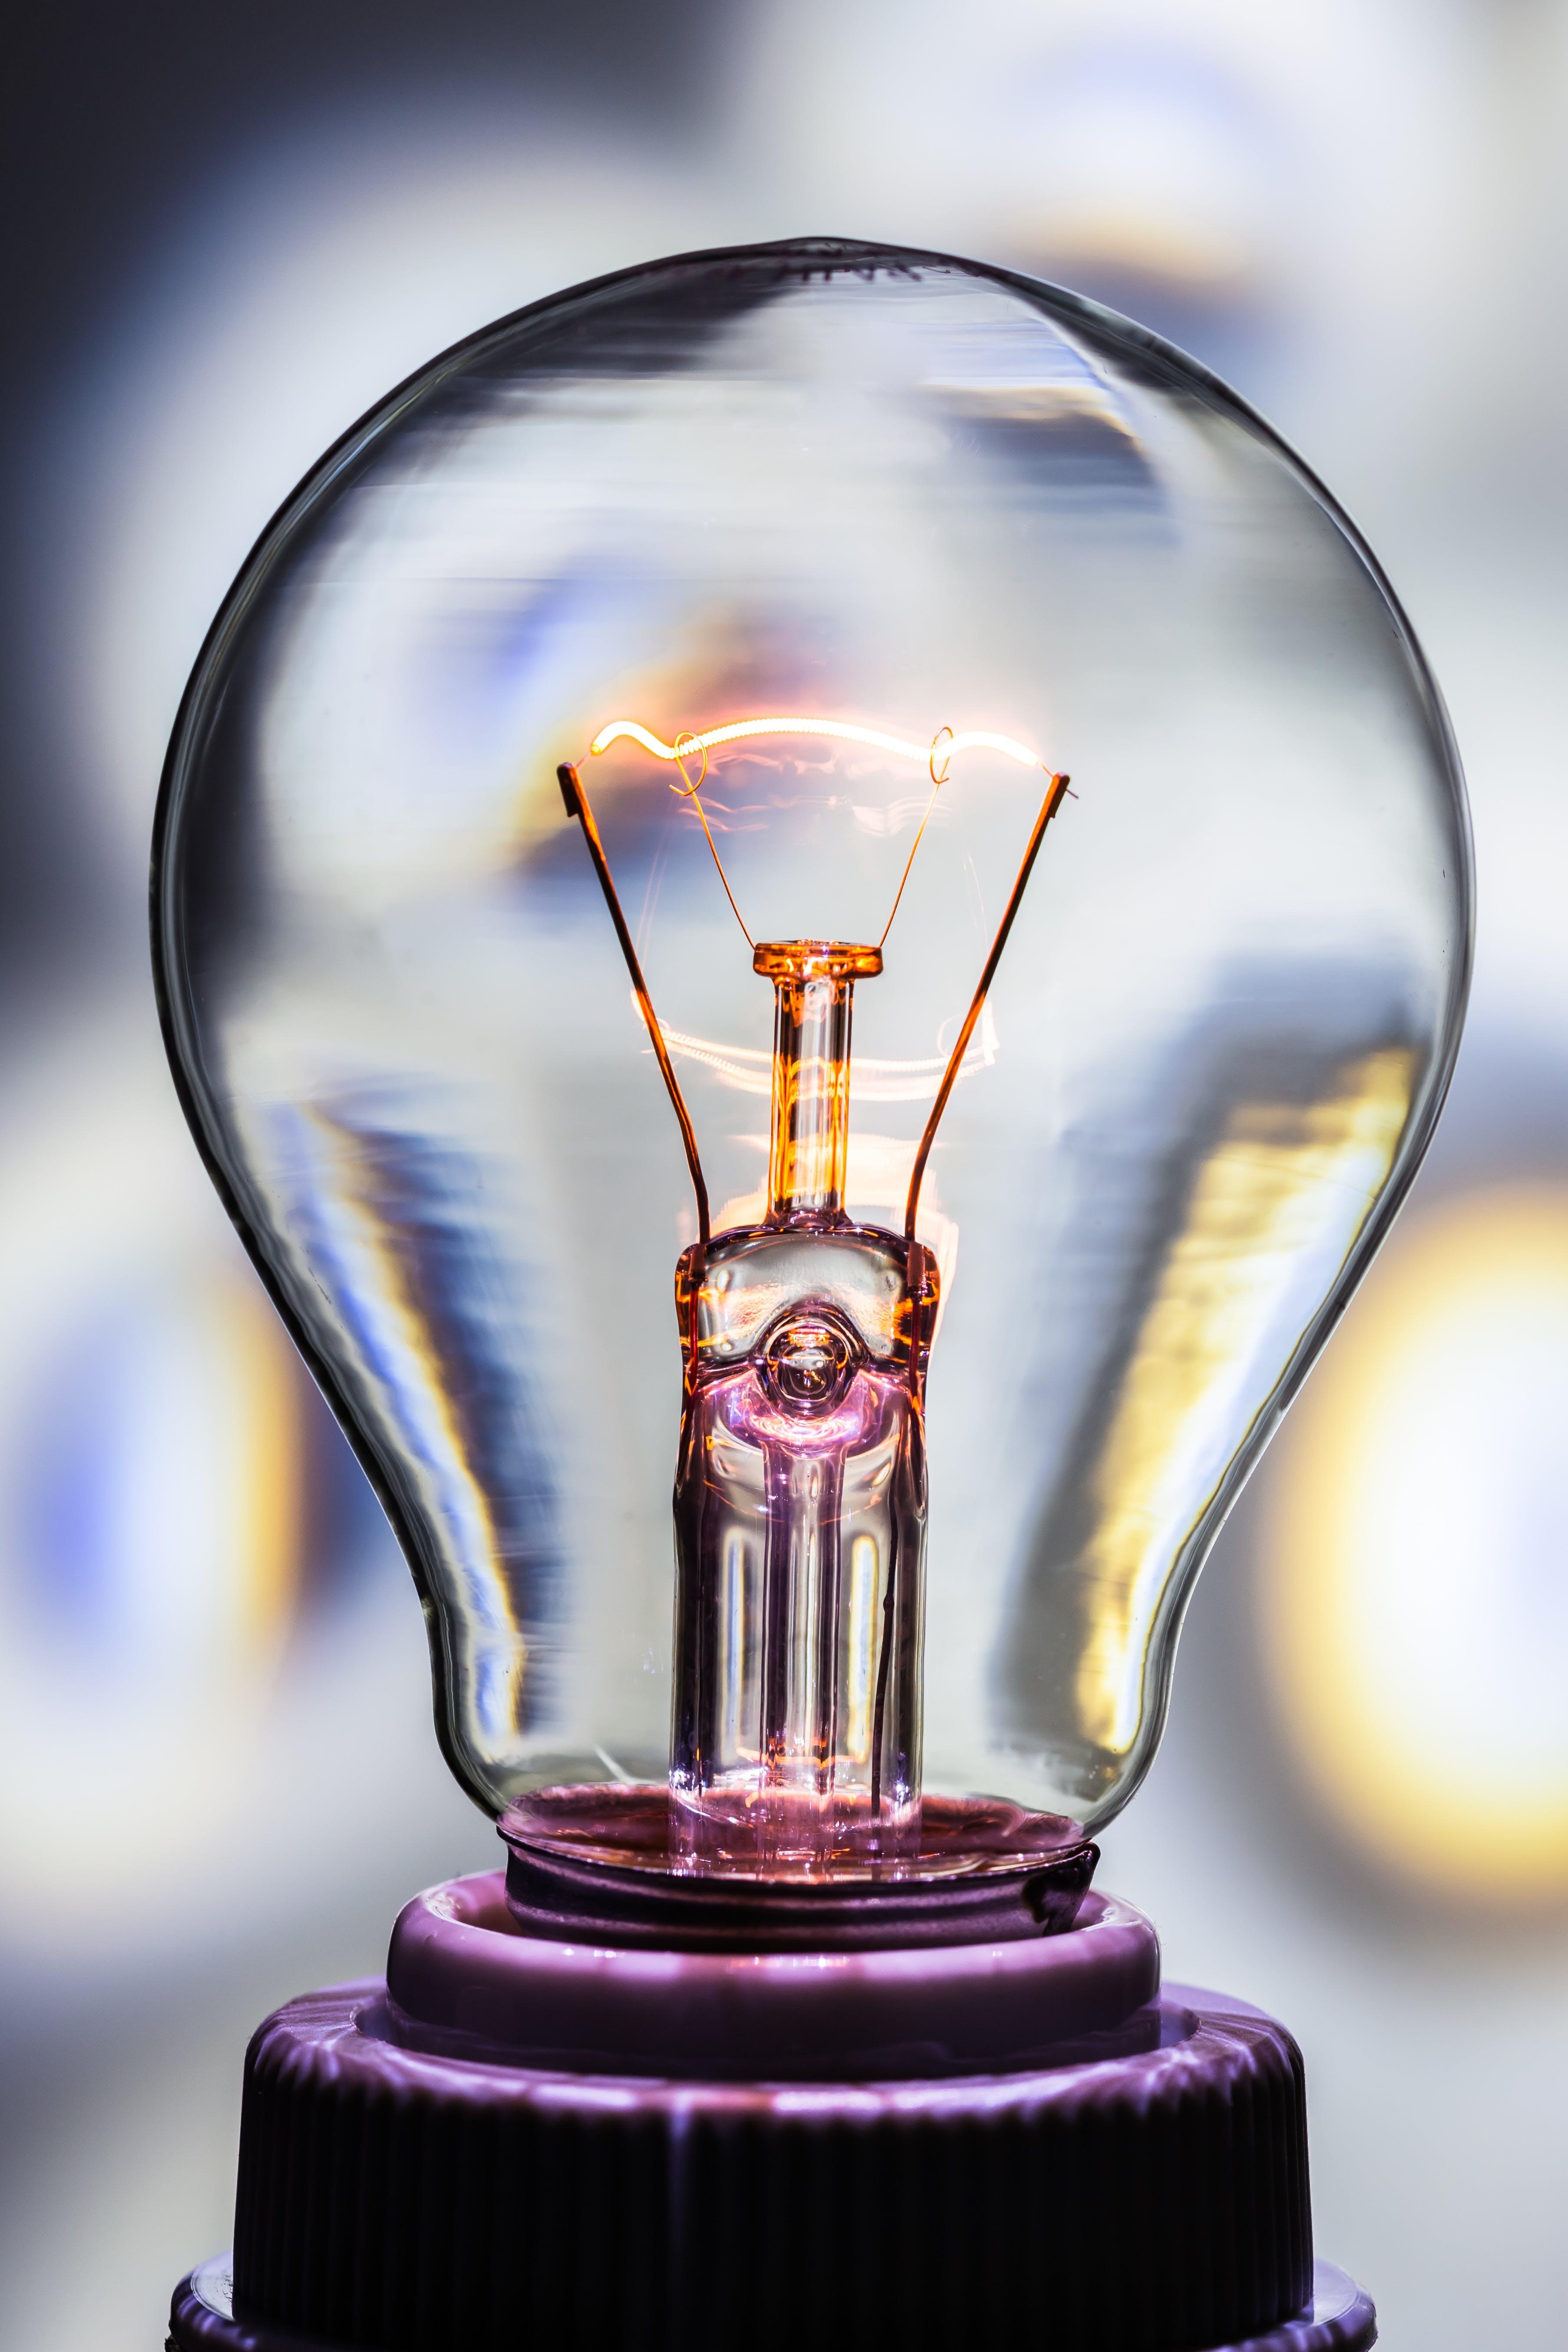 γλόμπος, ελαφρύς, ηλεκτρική ενέργεια